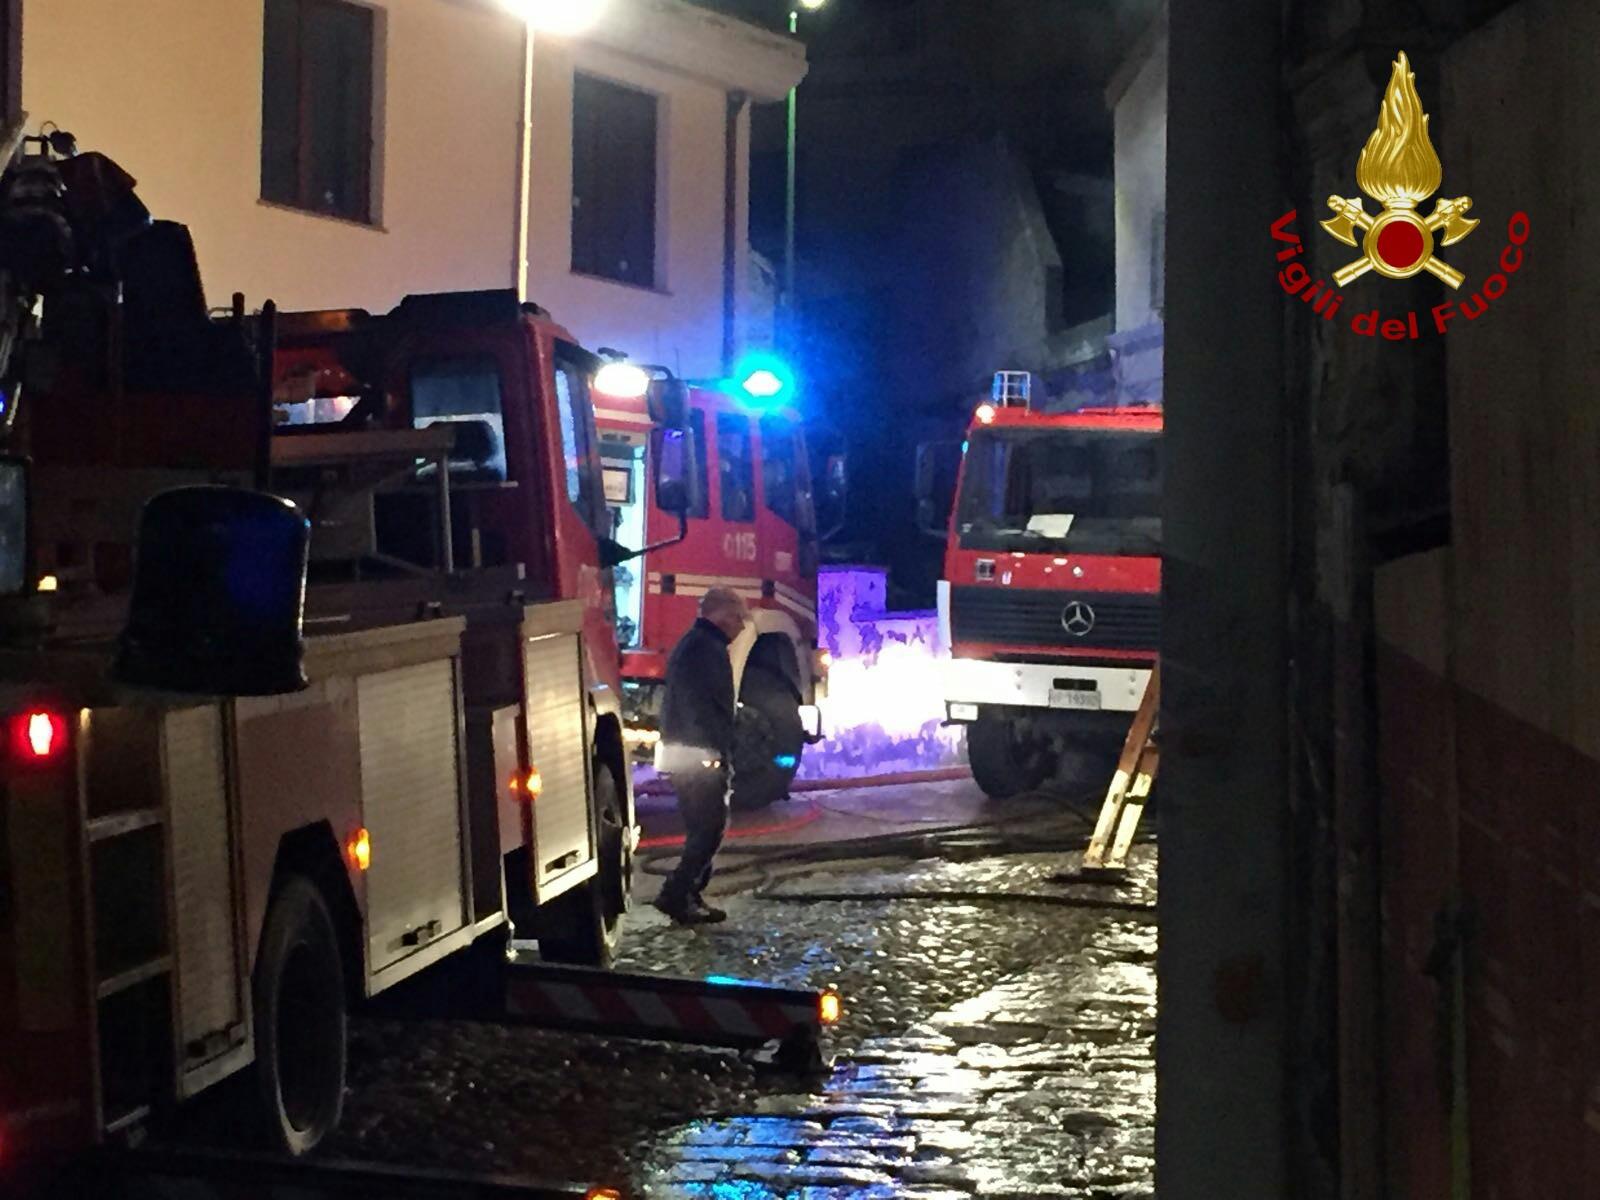 Incendio a Castel D'Argile: a fuoco appartamento, stabile evacuato e alcuni intossicati